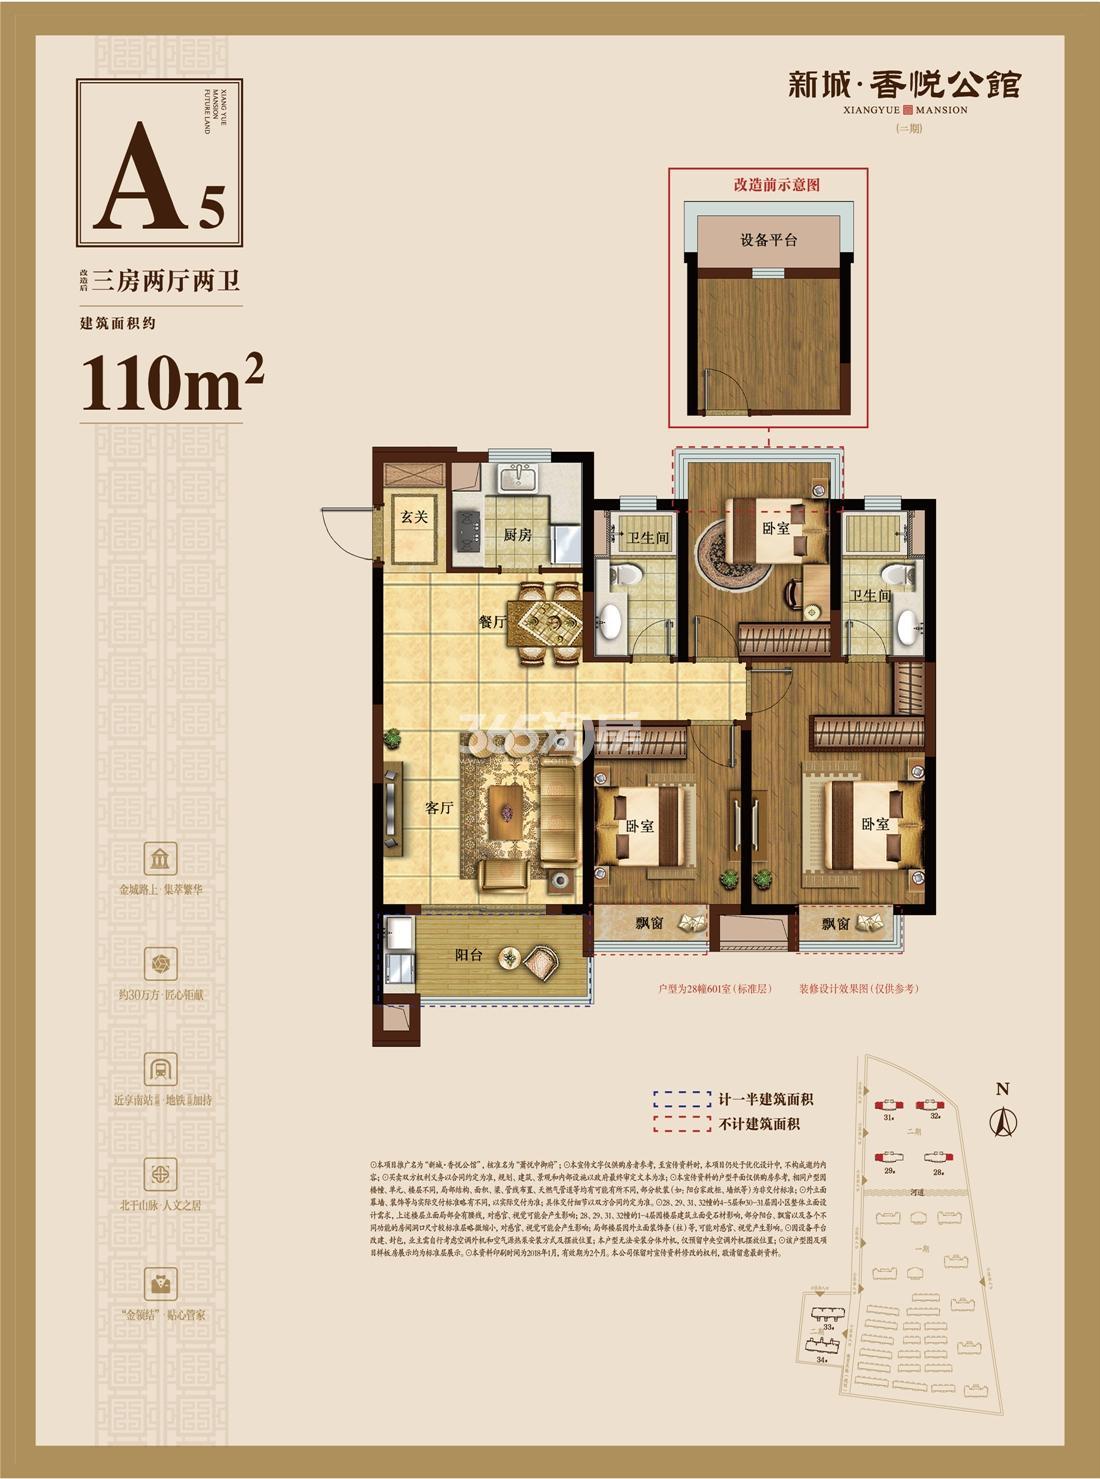 新城香悦公馆二期高层A5户型110方(28、29、31、32#)